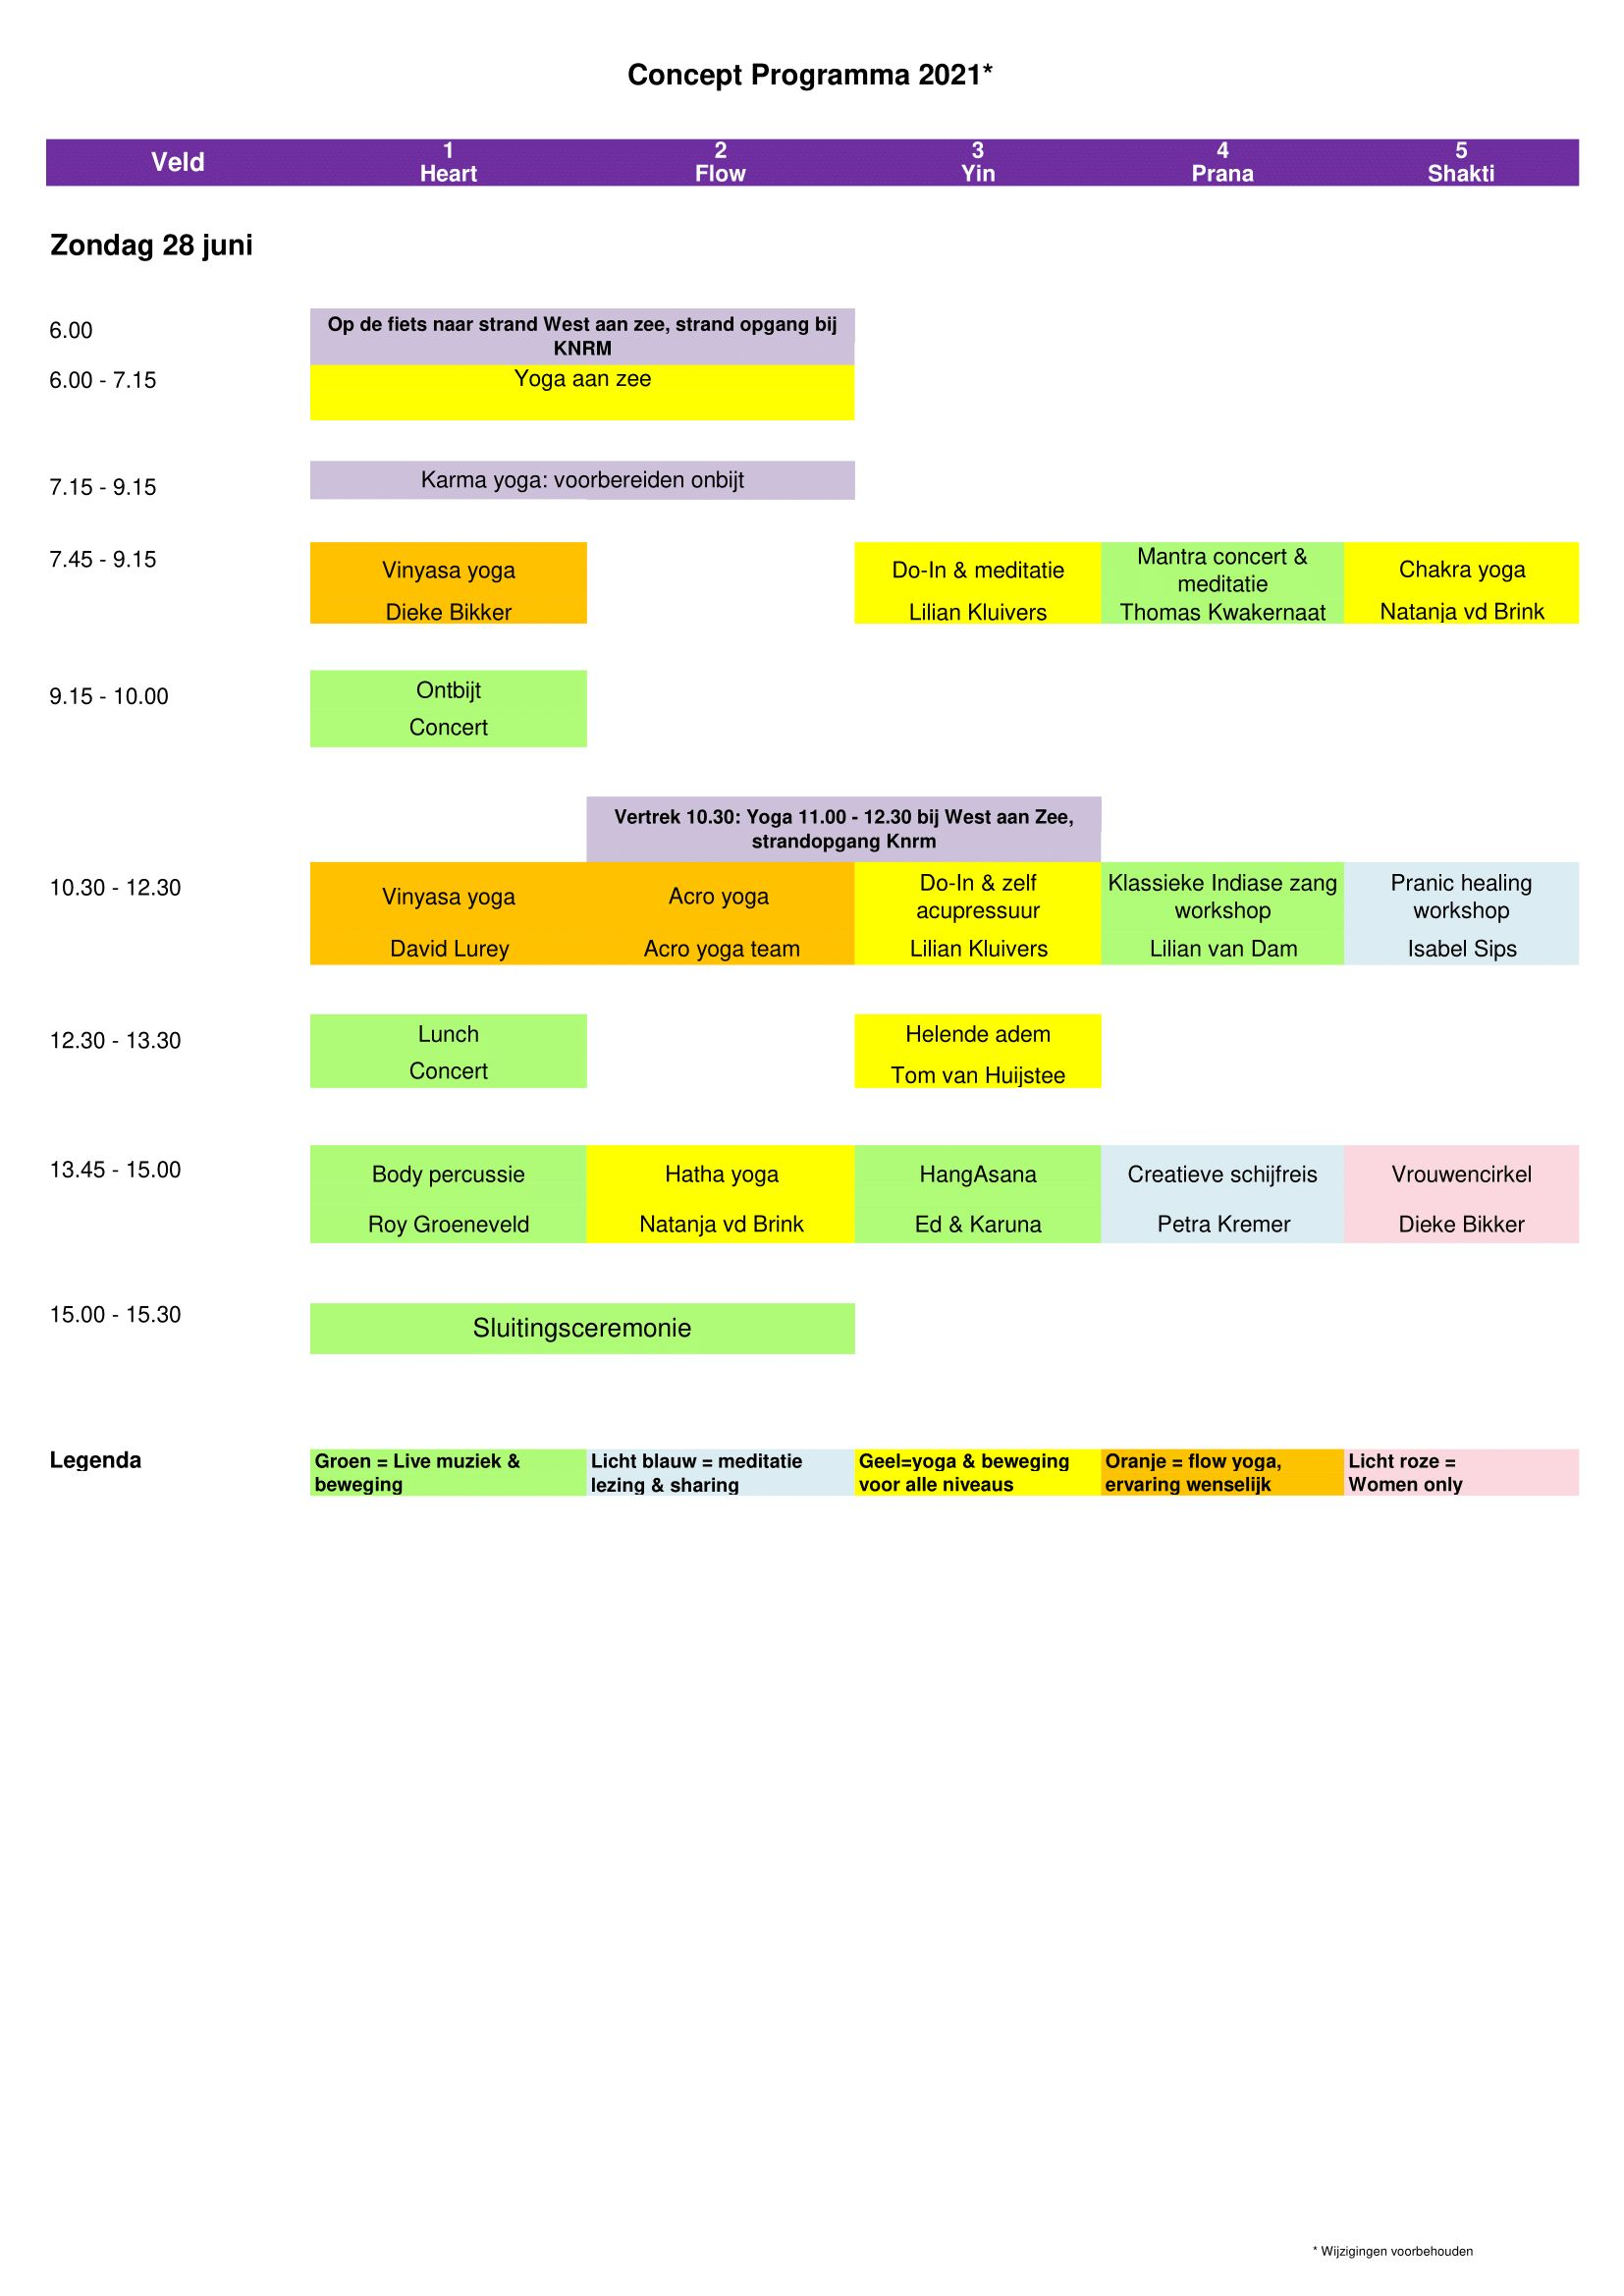 Programmaschema hoofdprogramma op zondag